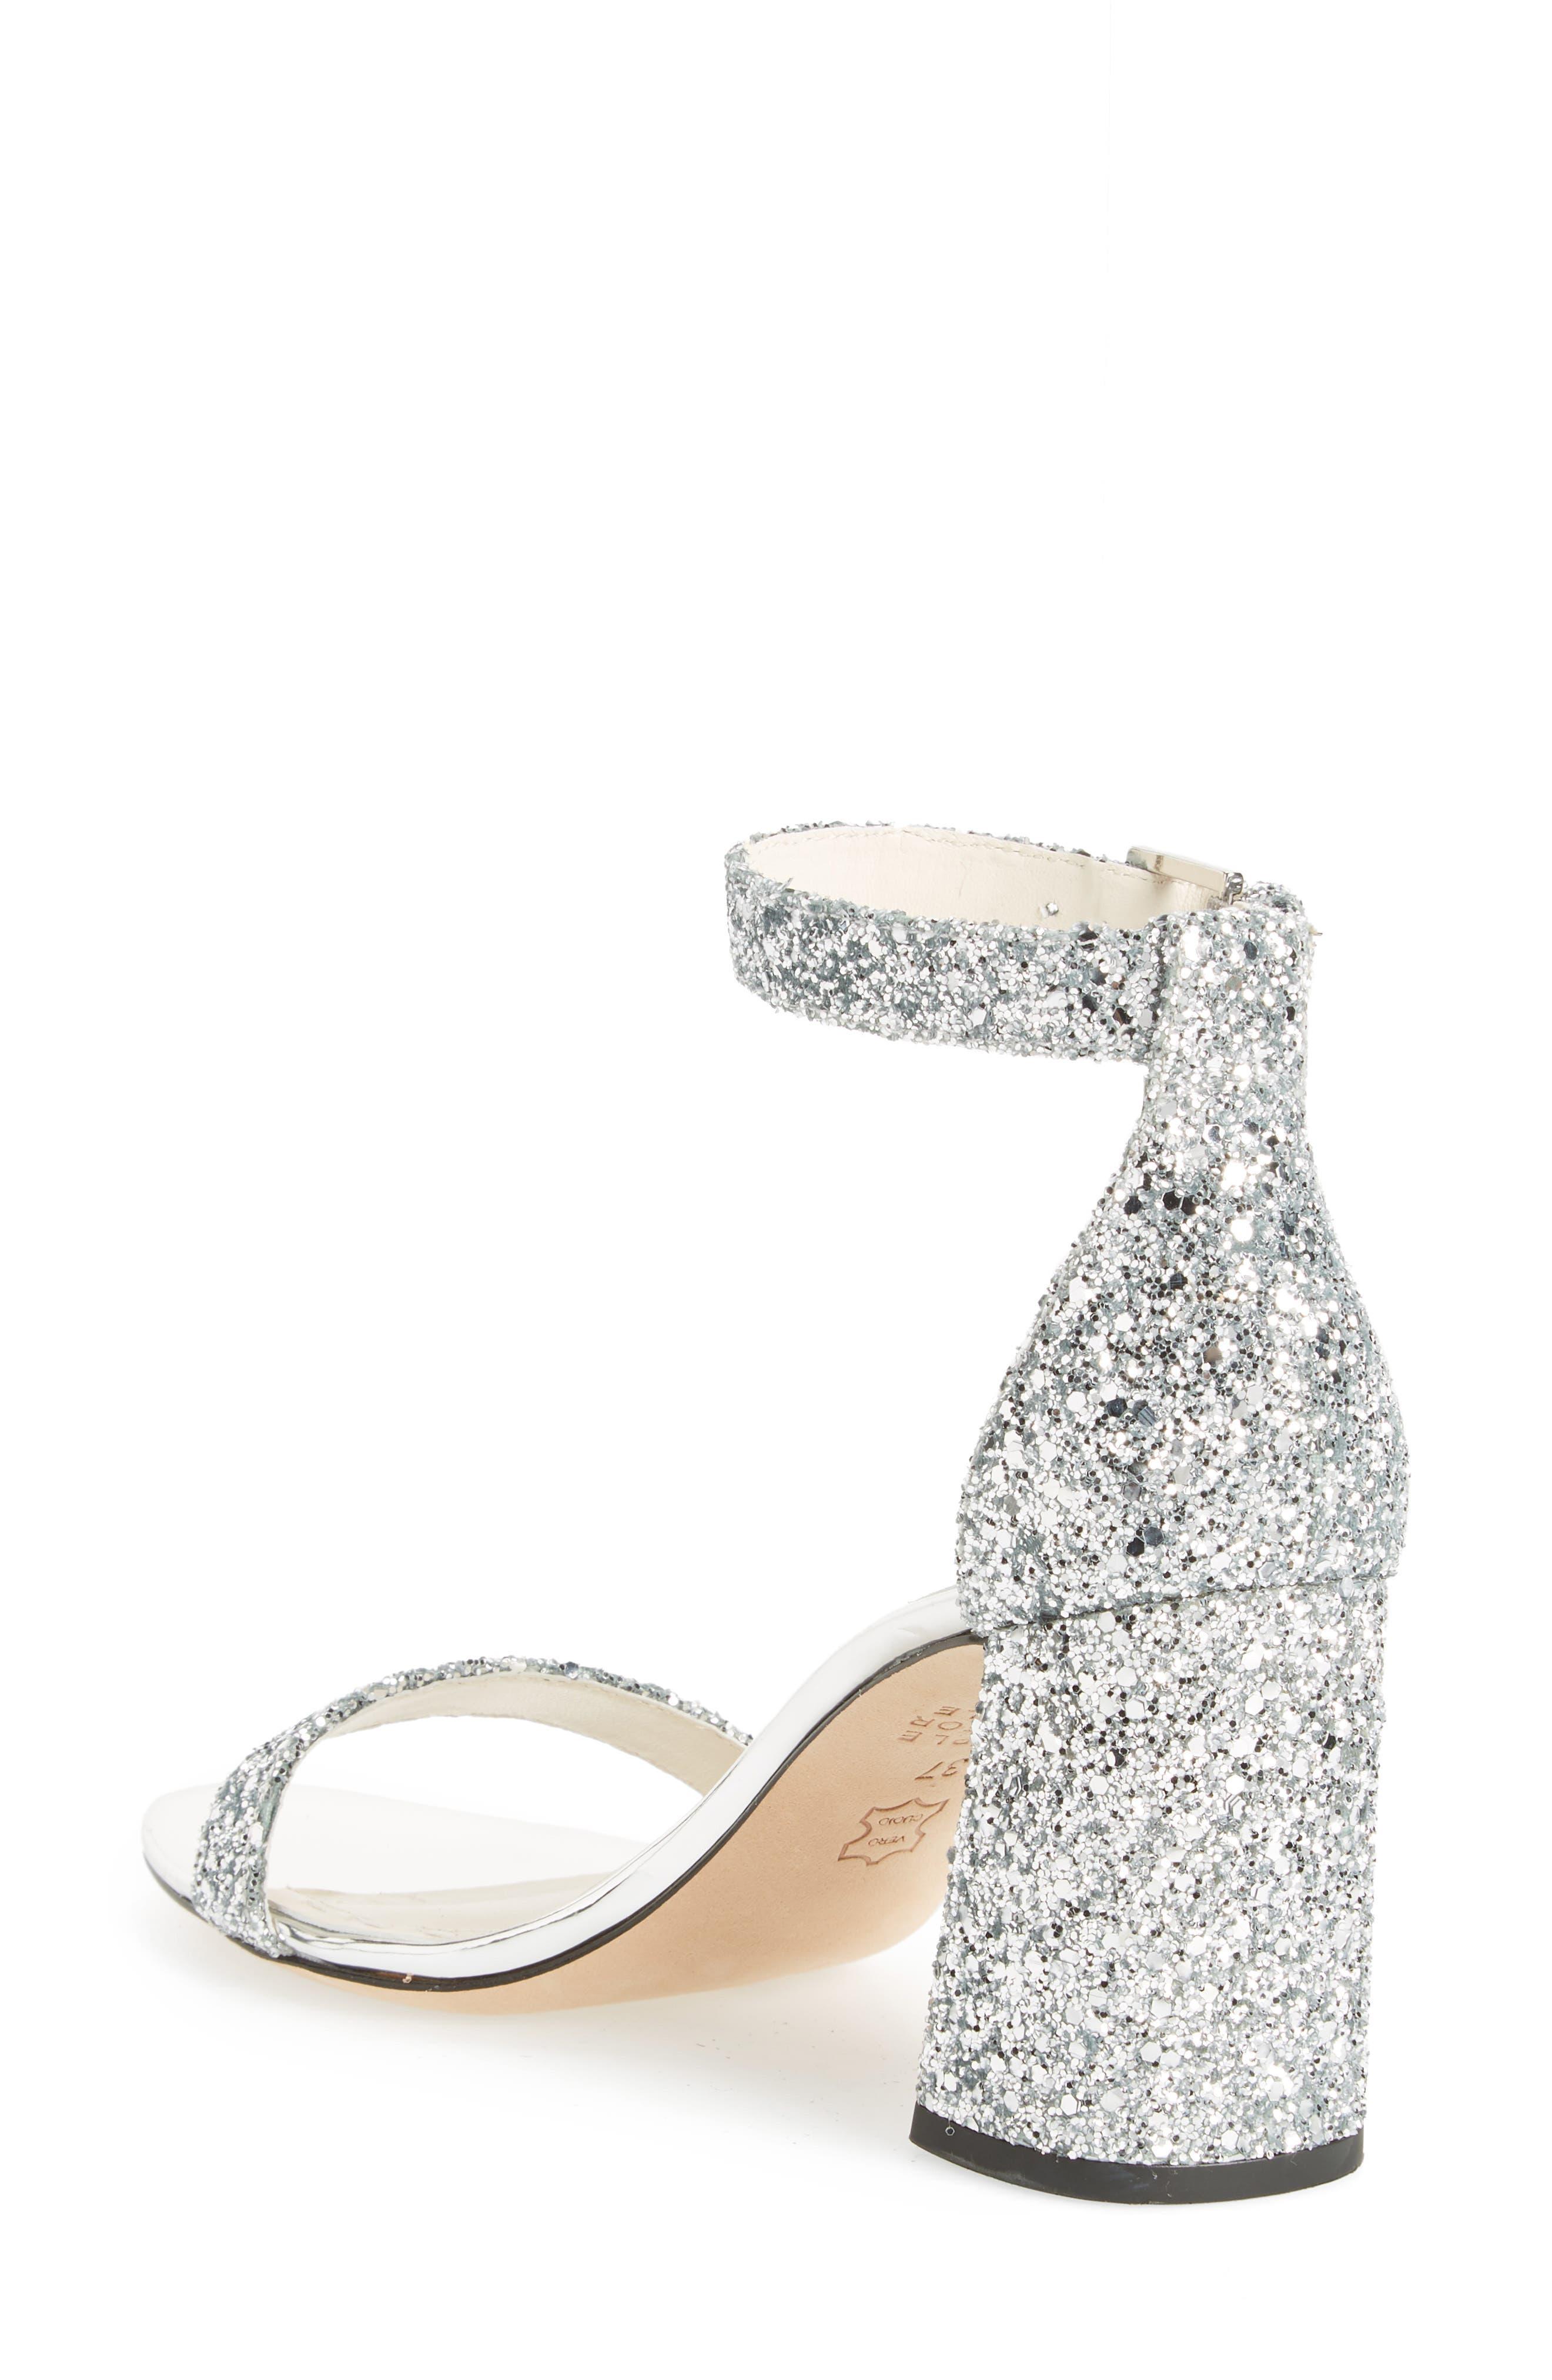 Lillian Glitter Ankle Strap Sandal,                             Alternate thumbnail 2, color,                             020